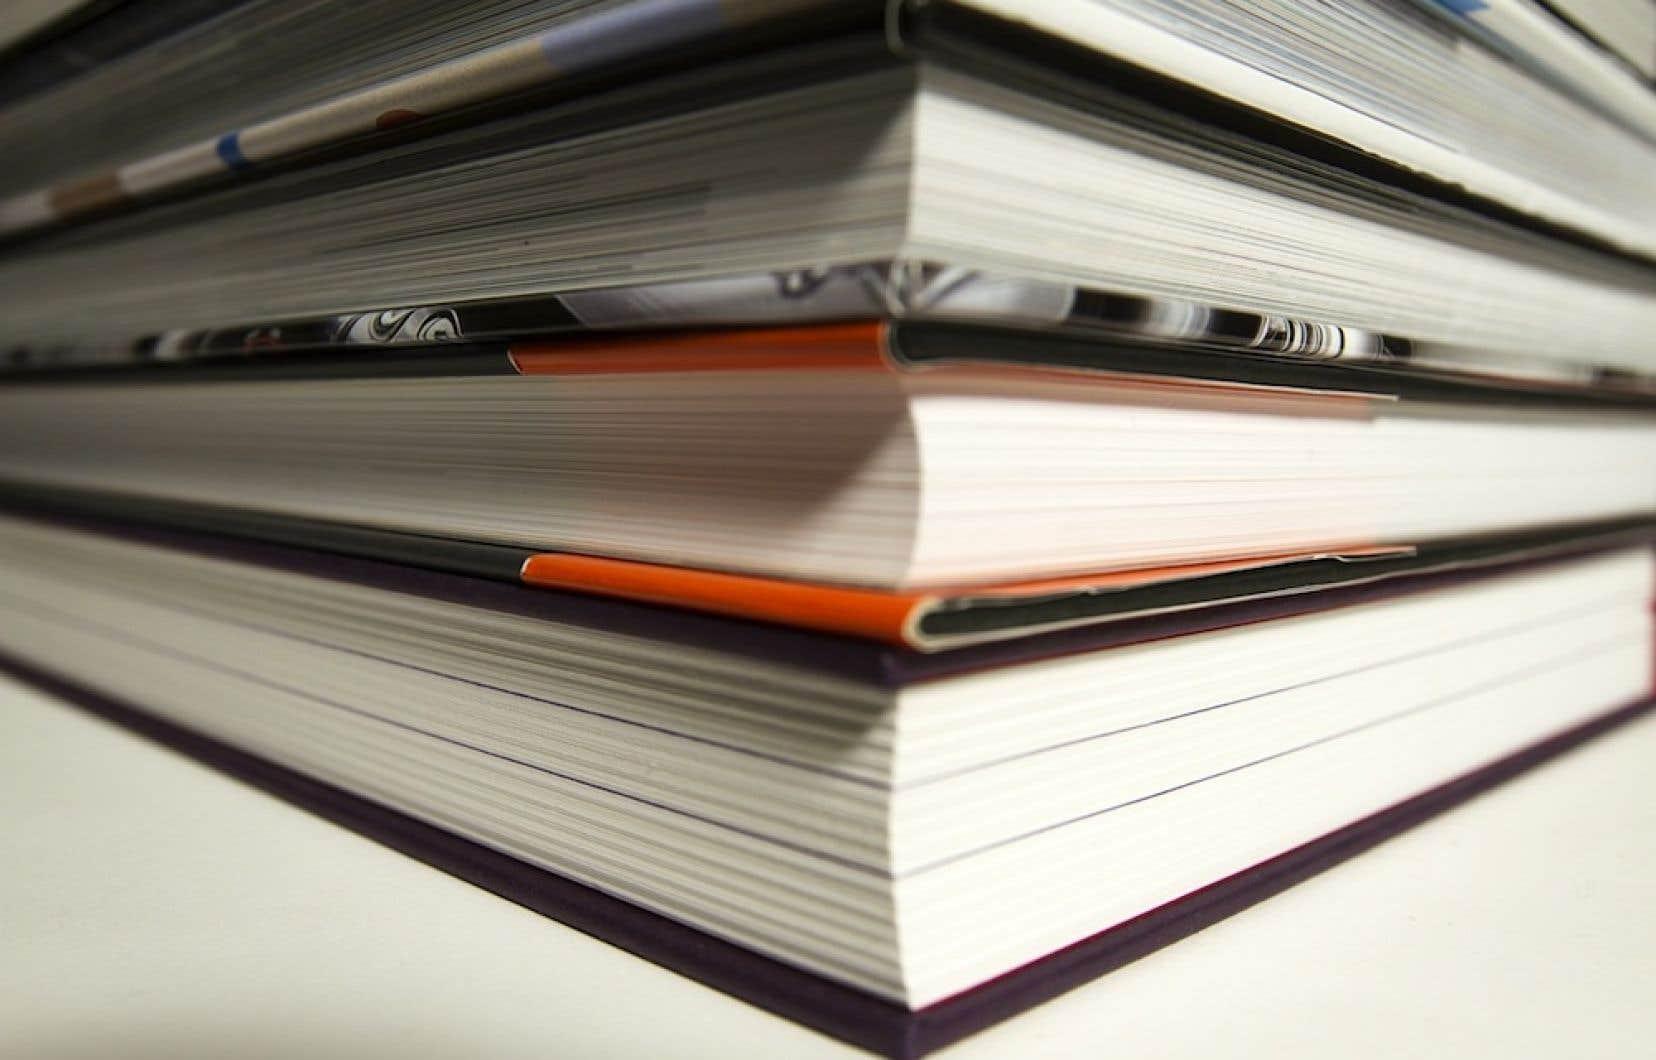 Éditeurs, auteurs et libraires ont en effet été nombreux à s'étonner de la forte présence des géants de l'industrie comme Target, Walmart, Costco et consorts à la liste des invités publiée à la mi-juin par la Commission de la culture et de l'éducation.